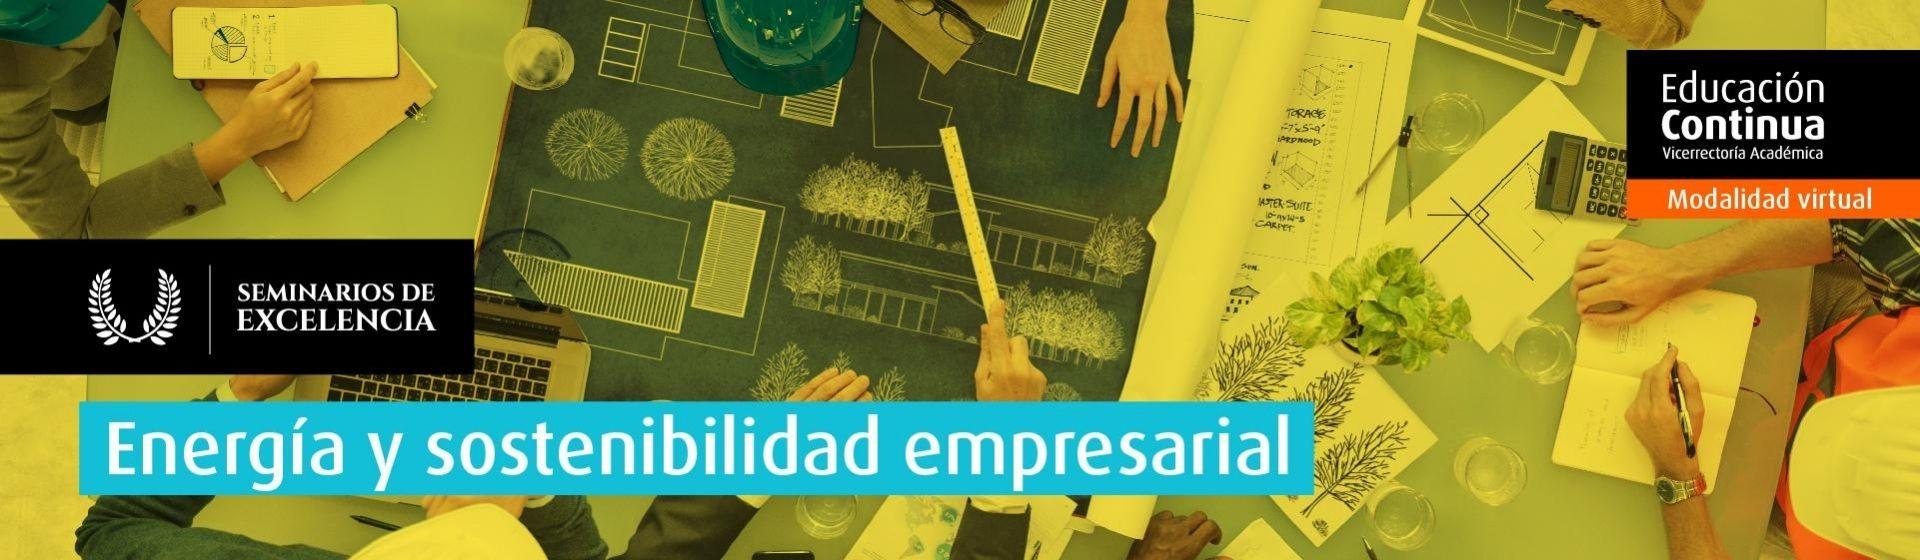 Seminario de Excelencia - Energía y sostenibilidad empresarial